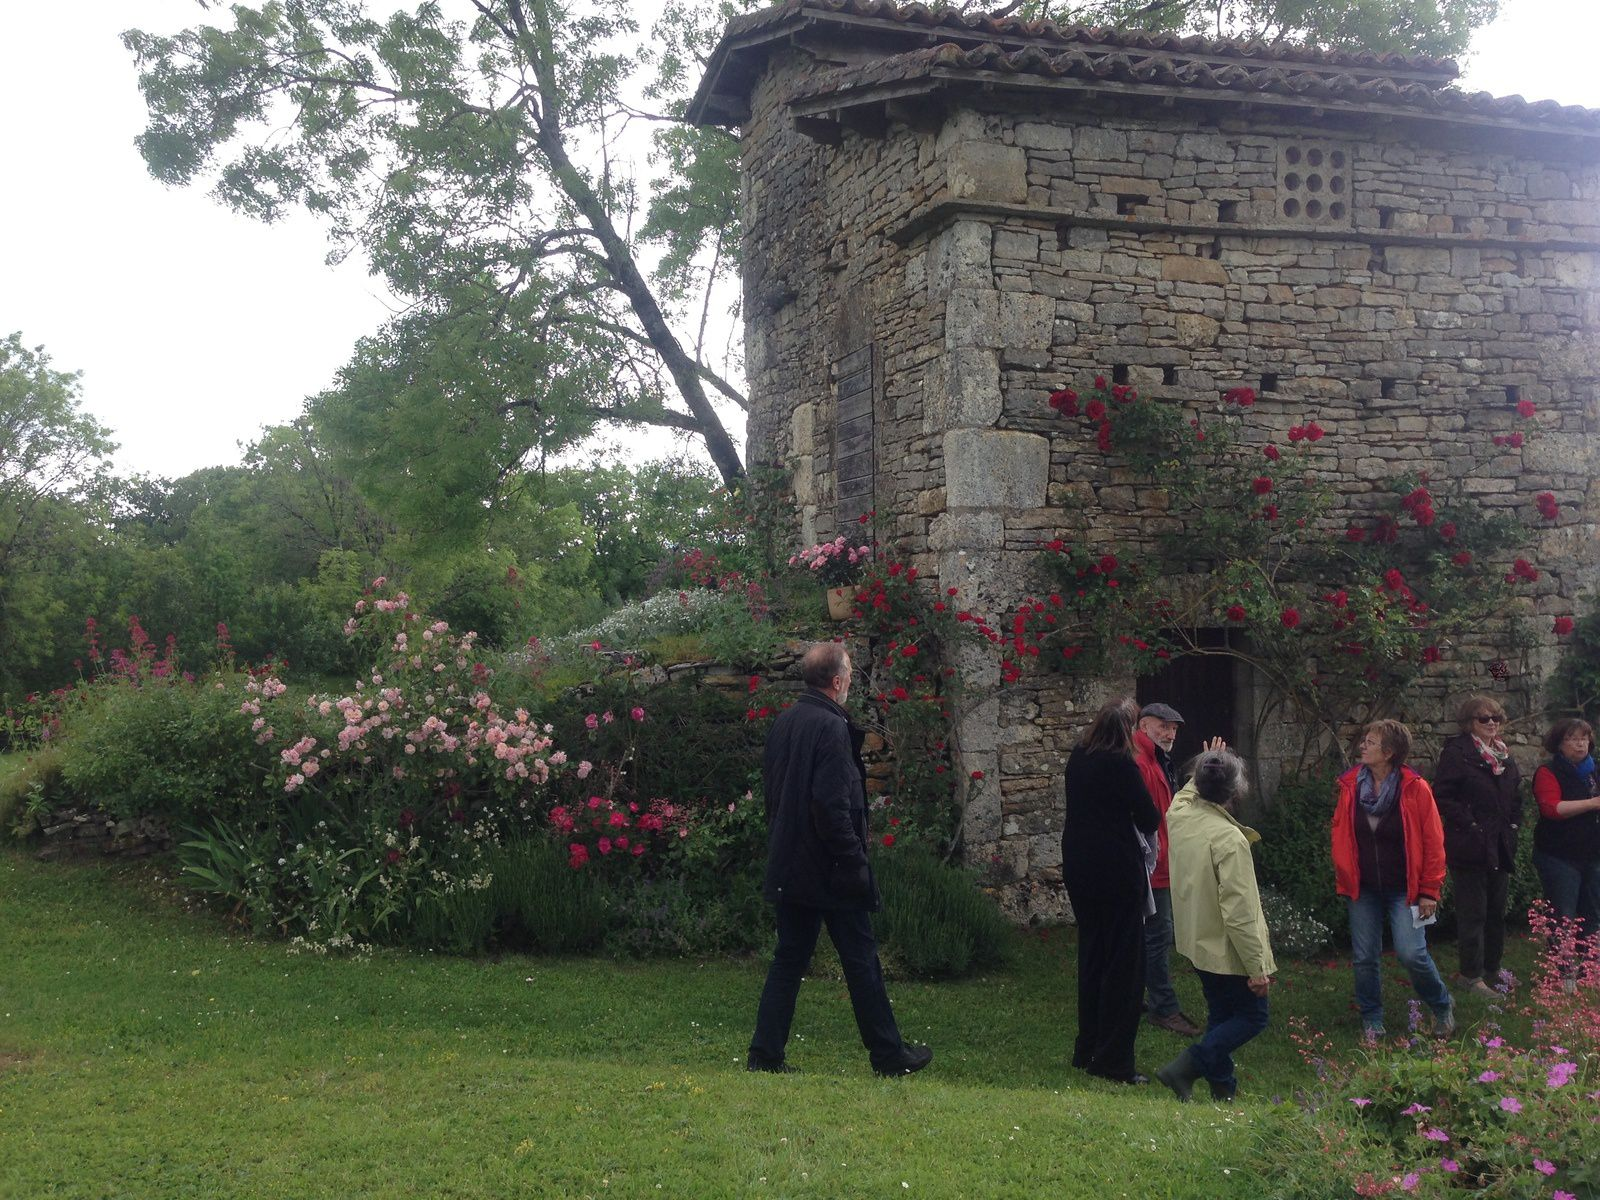 Le Jardin des Roses - Tarn et Garonne